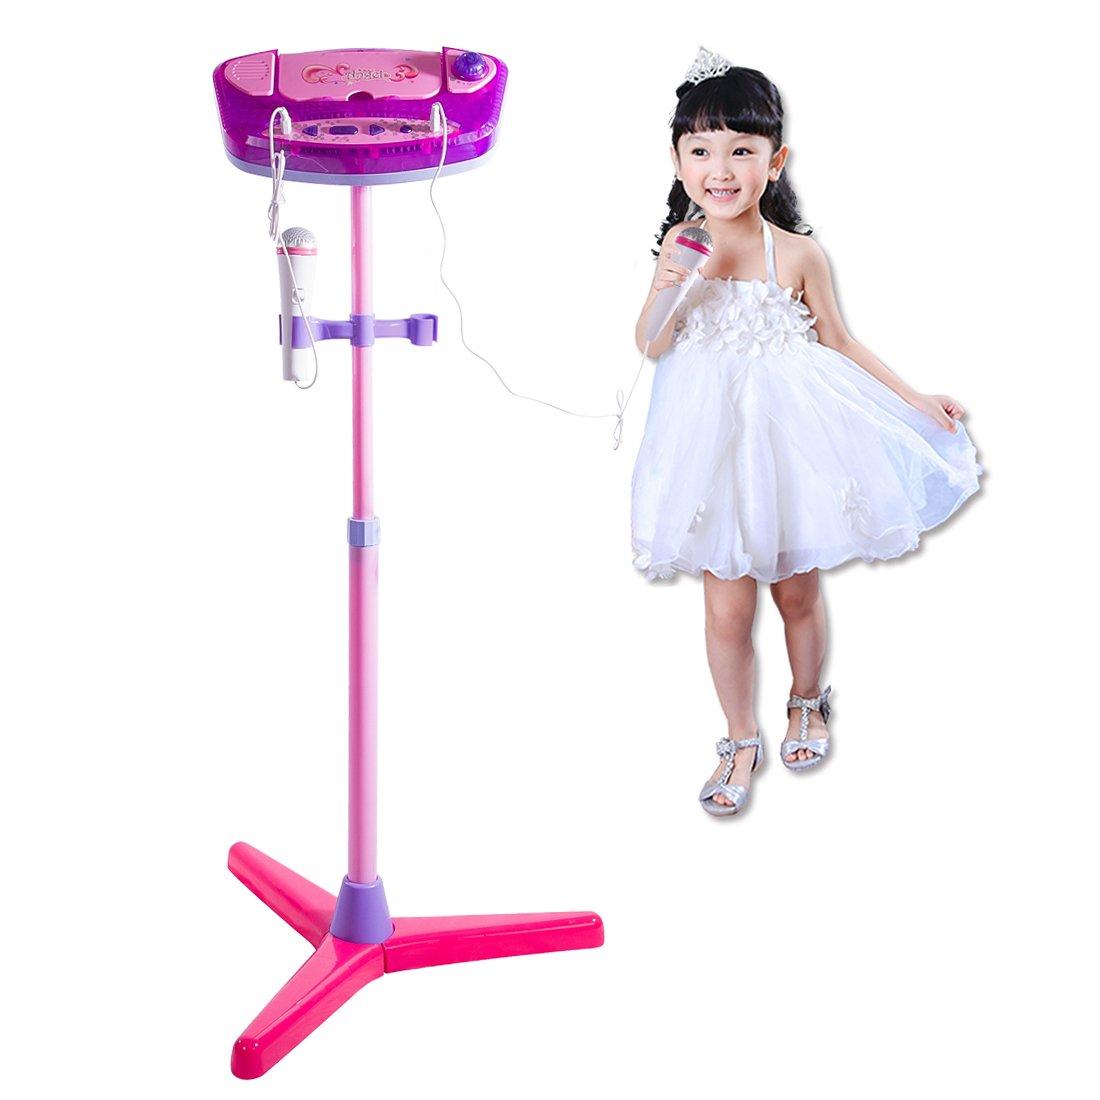 HYZH Kinder Karaoke Maschine Einstellbare Stand Mit 2 Mikrofone Bluetooth Für Singen-Blau